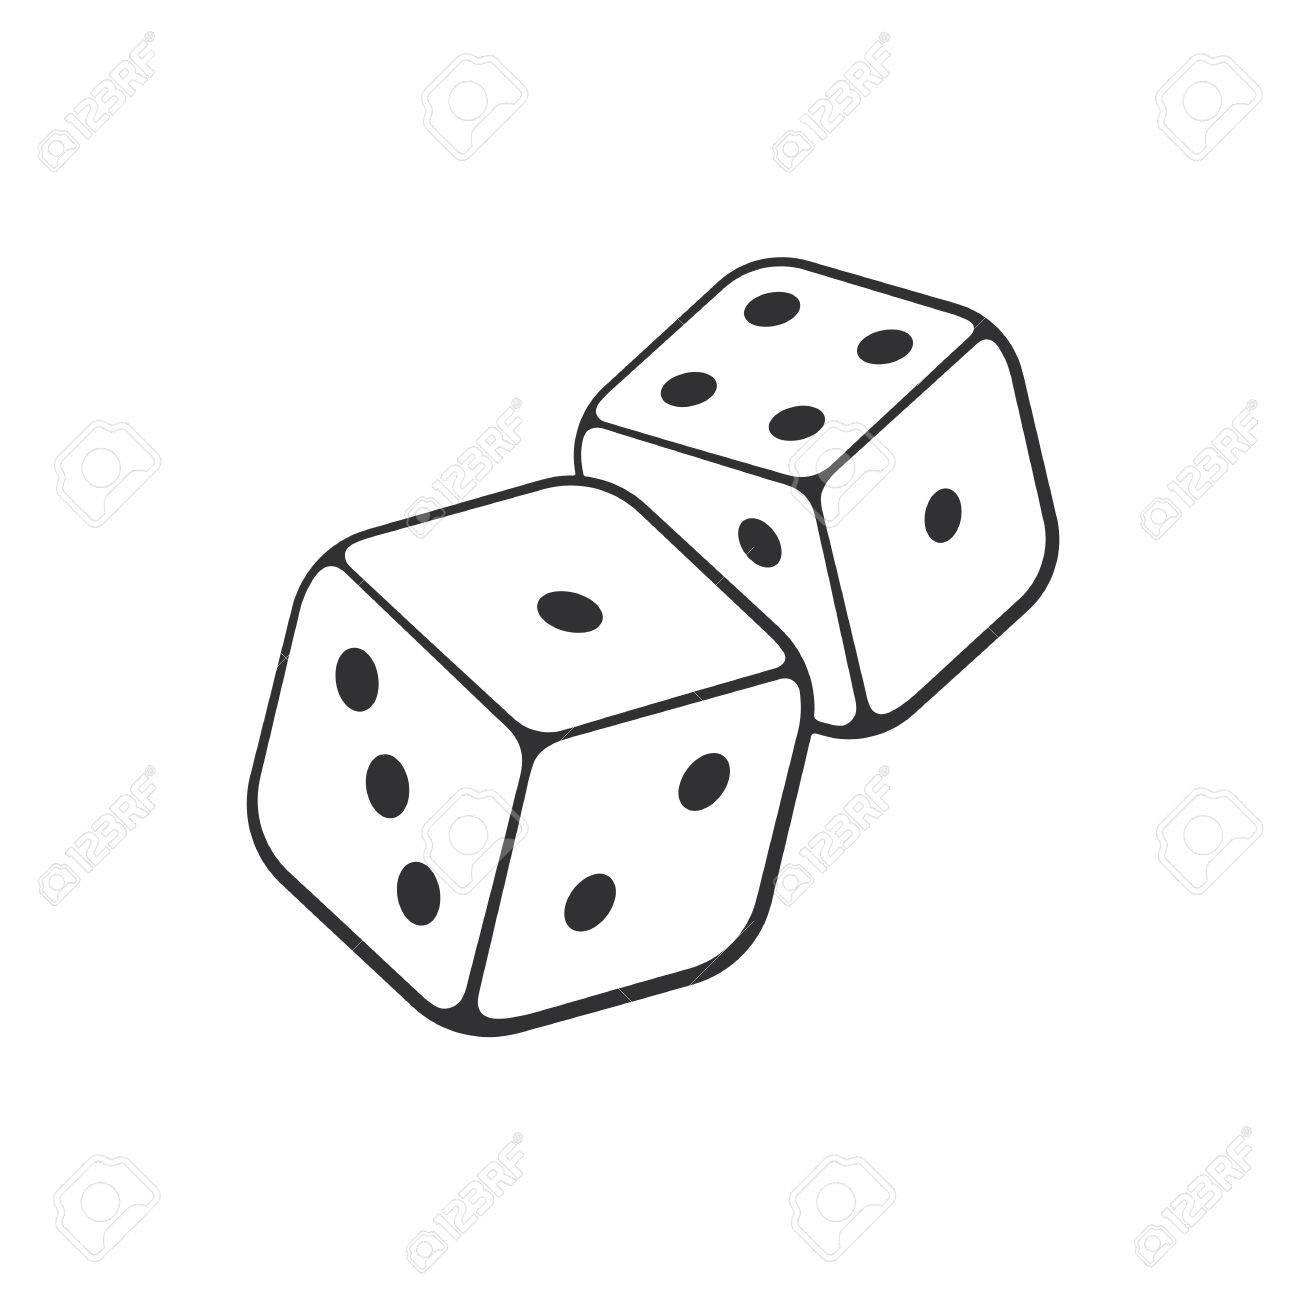 ベクトルの図 手の輪郭の 2 つの白いサイコロの描かれた落書き ギャンブルのシンボル 漫画のスケッチ グリーティング カード ポスター エンブレムのための装飾の壁紙します のイラスト素材 ベクタ Image